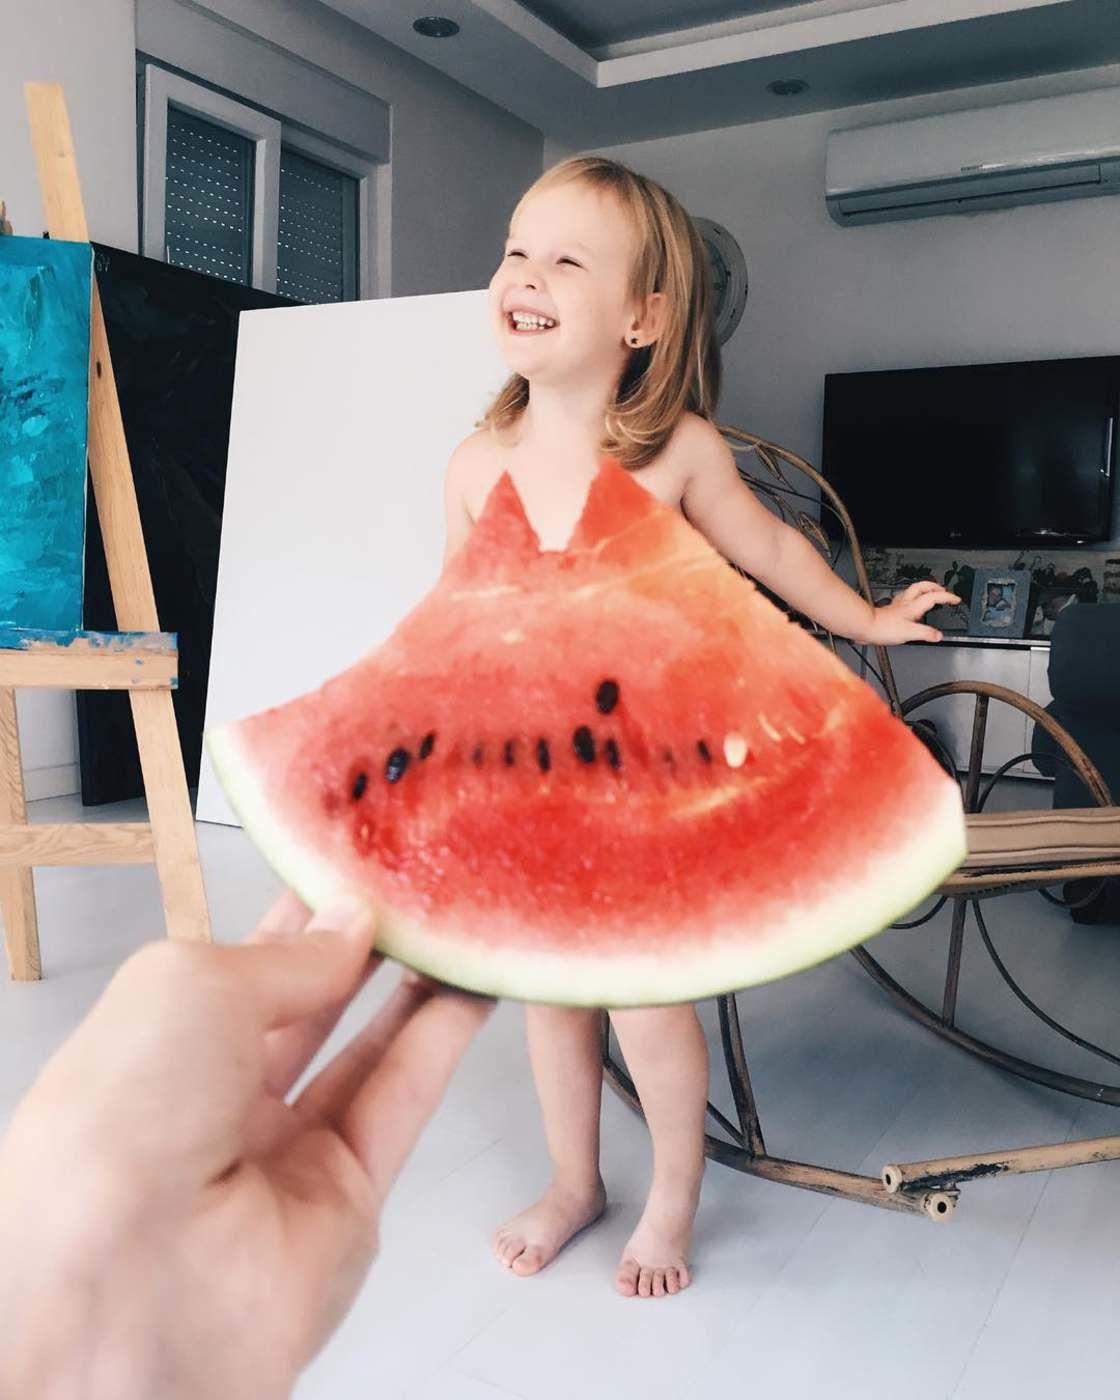 Une activité photo : jouer avec la perspective et l'effet d'échelle